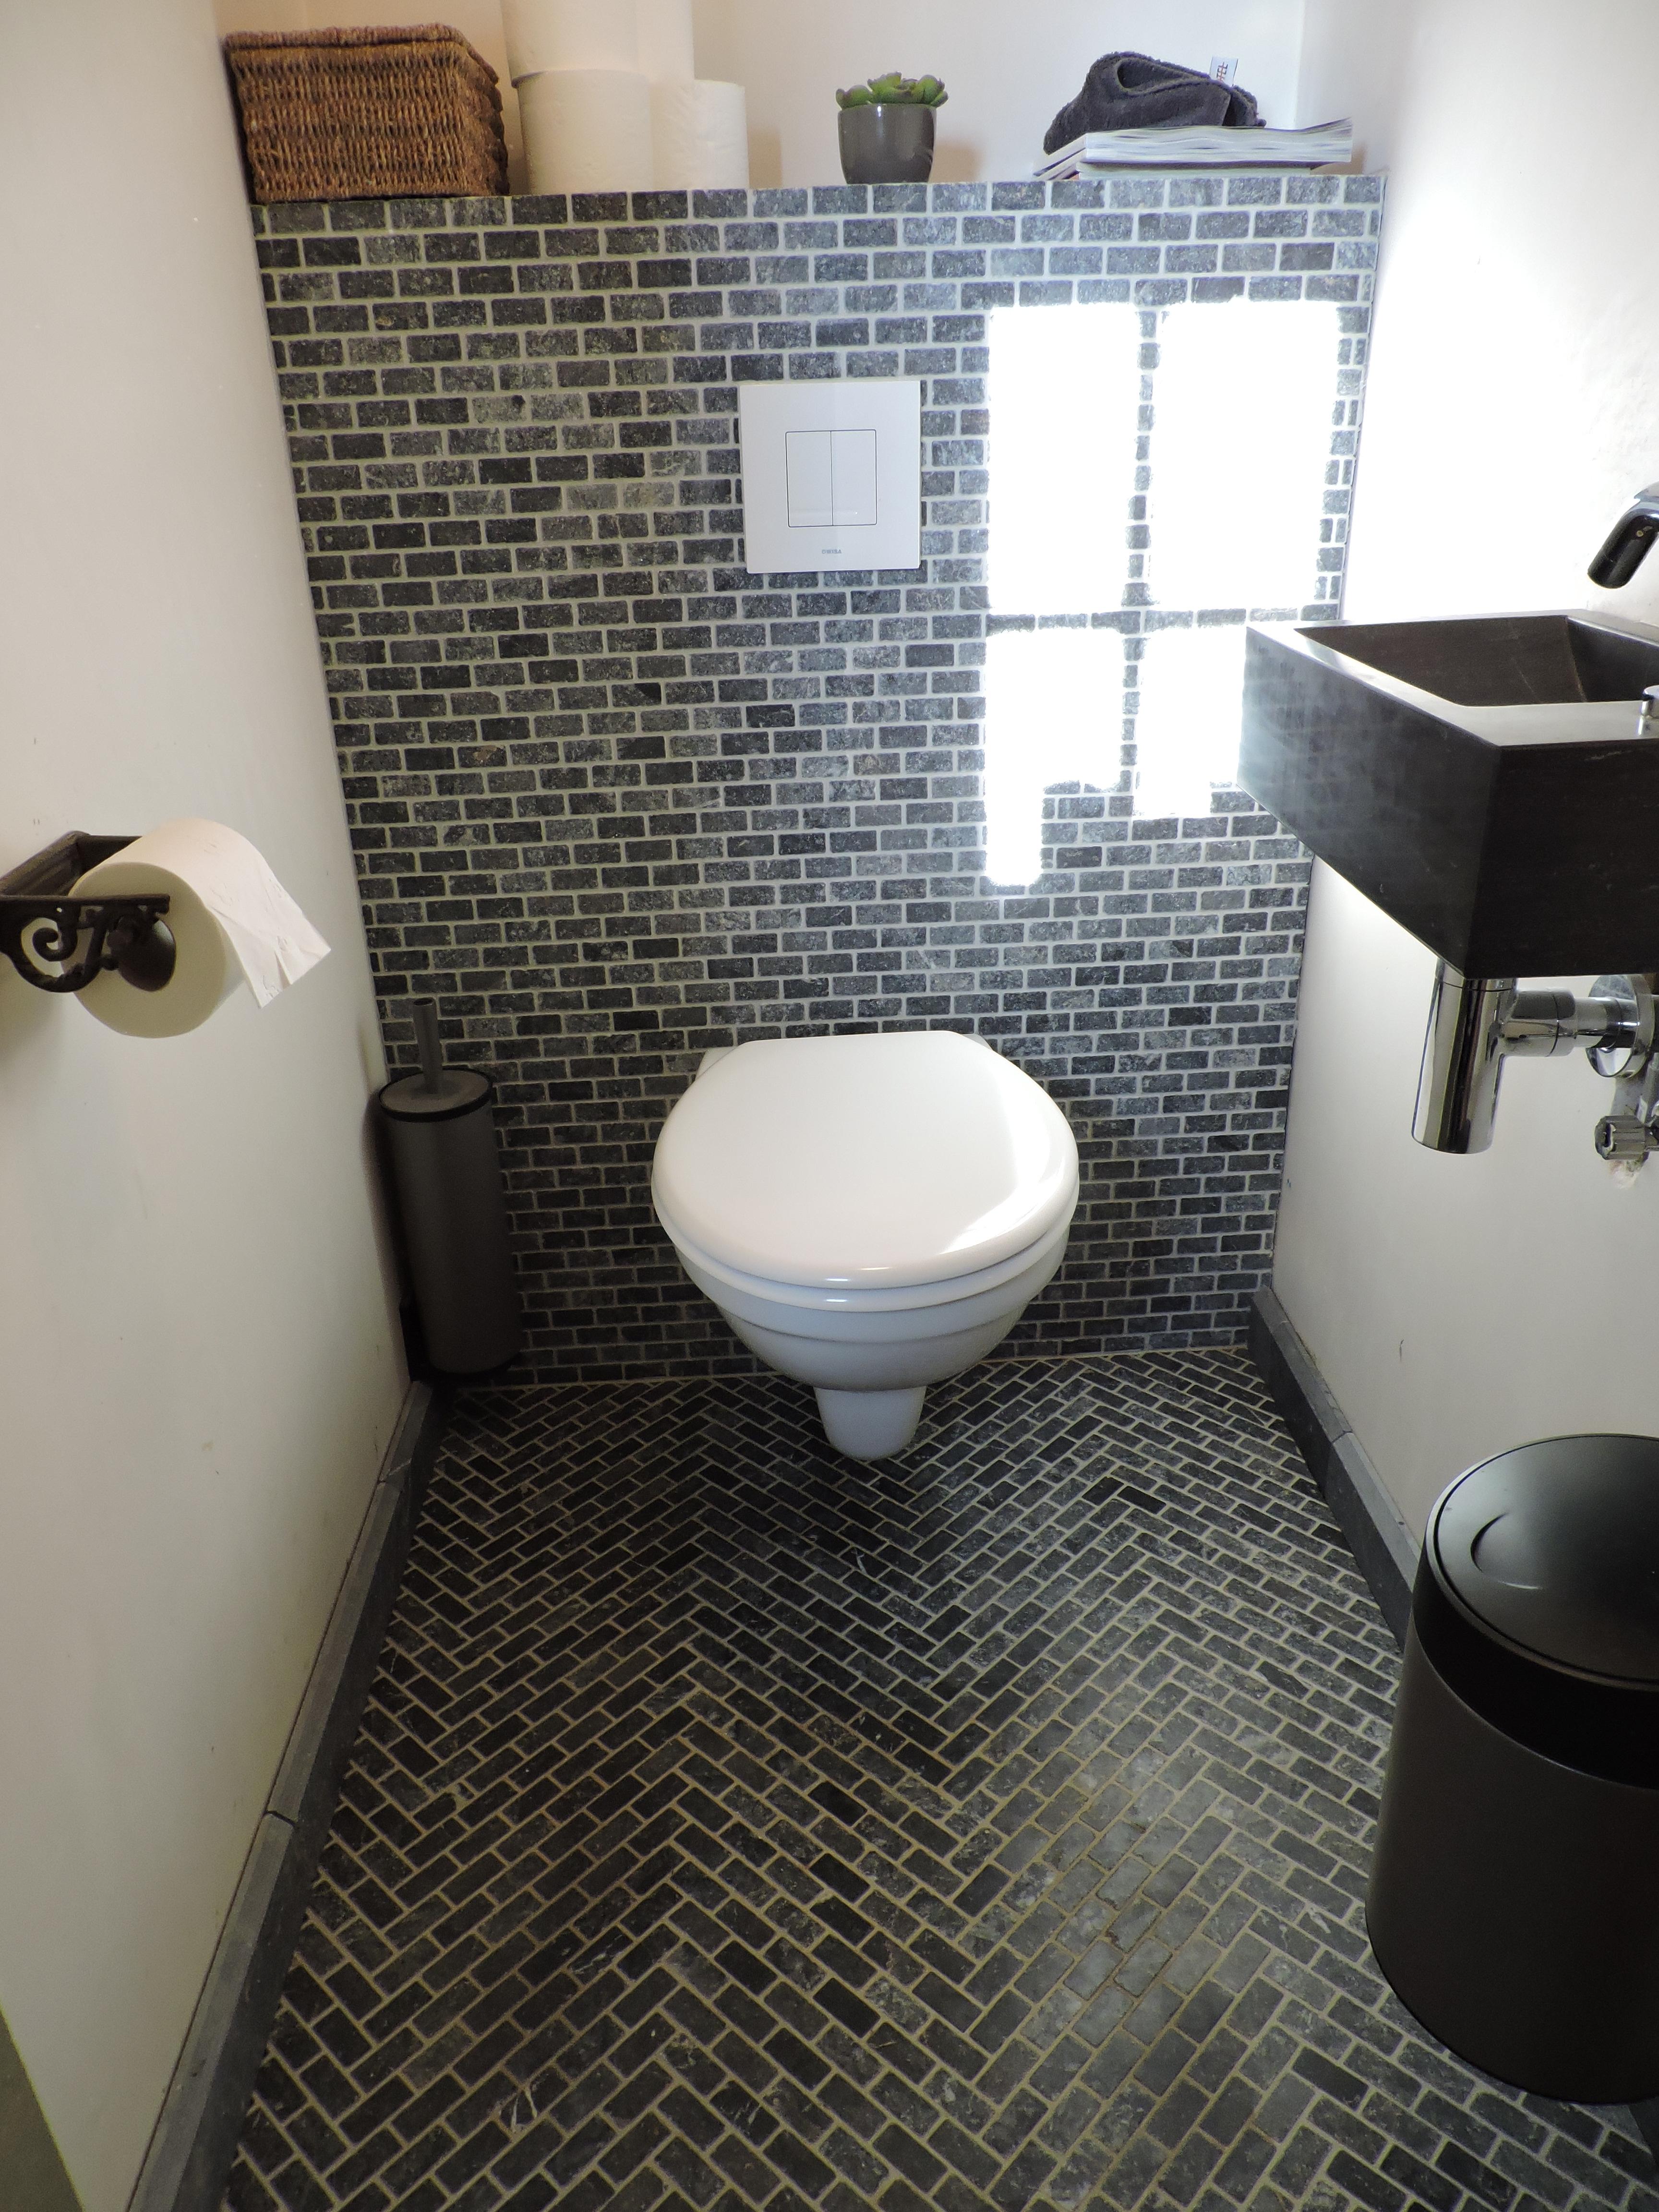 tegels arduin mozaïek toilet